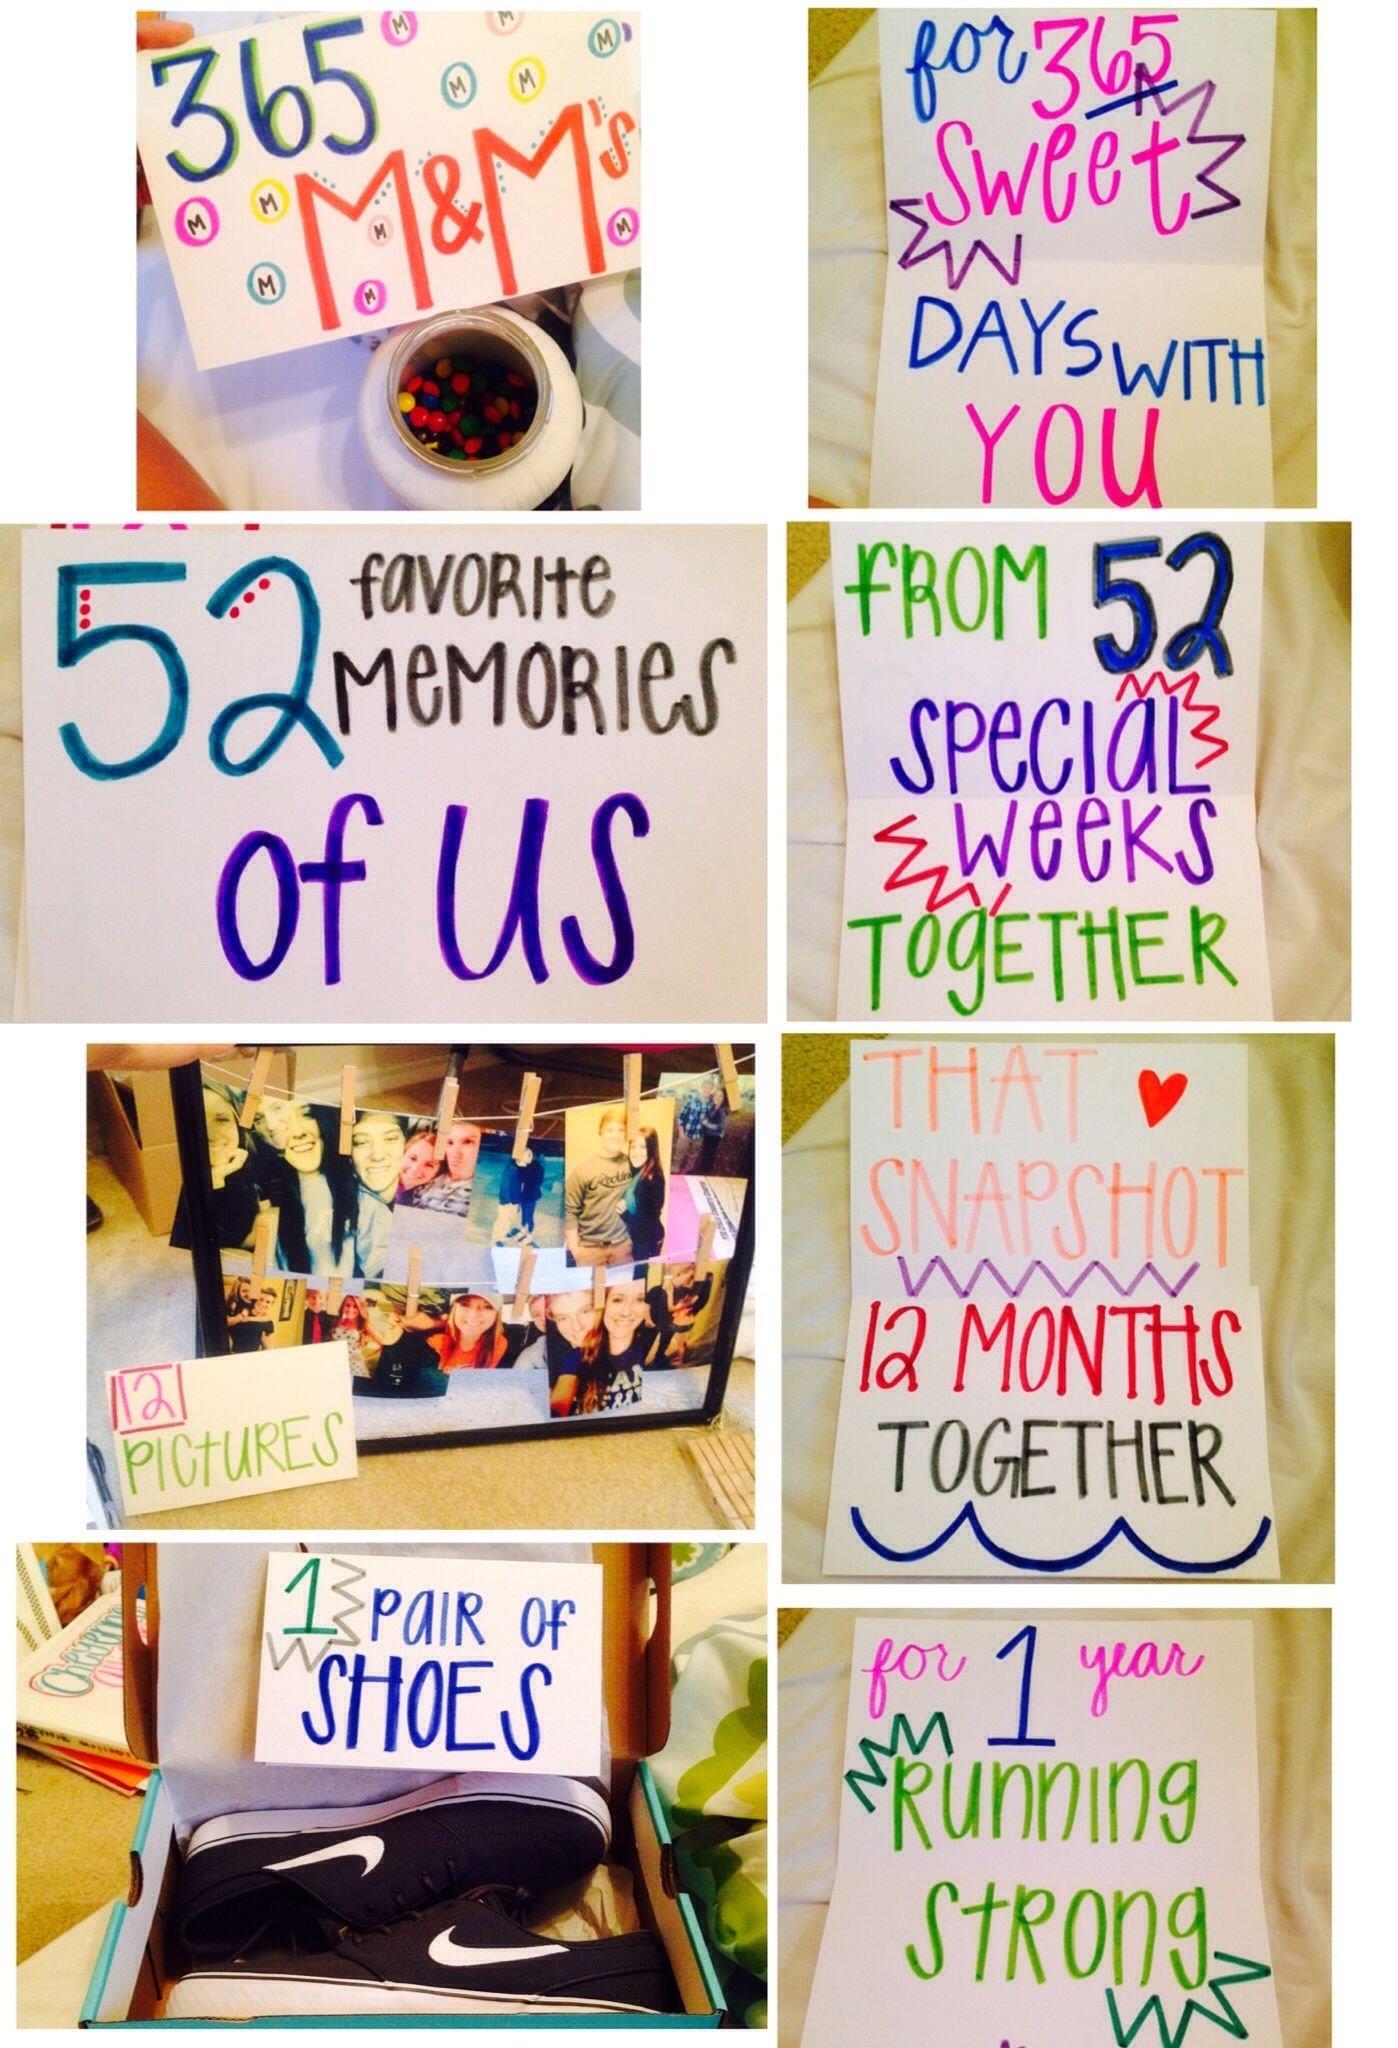 10 Cute Cute Anniversary Ideas For Boyfriend 1 year anniversary gifts for him ideas boyfriends year 7 2020